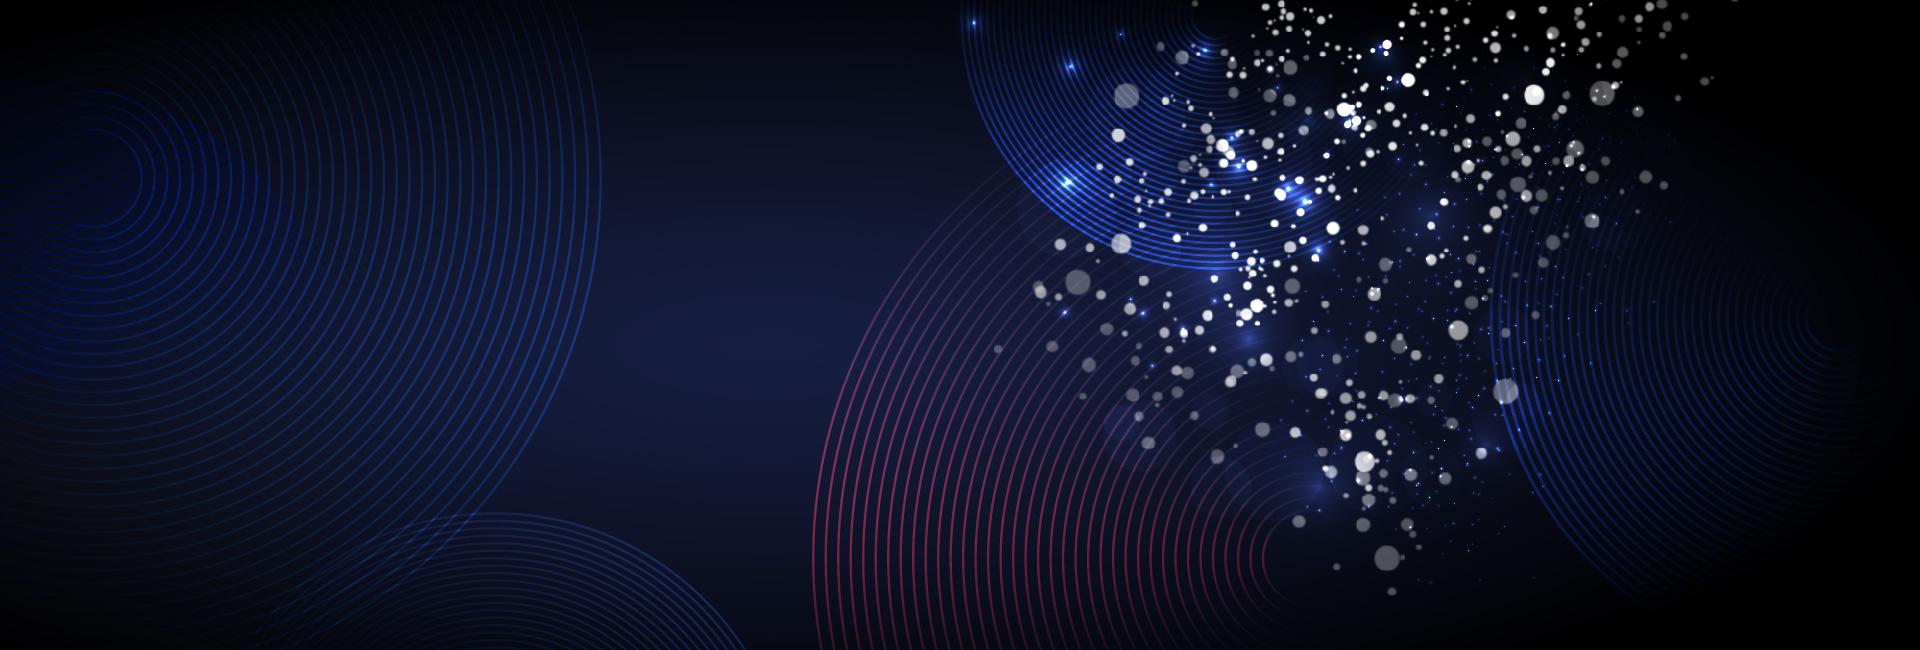 Estrellas-Burbujas_190809-web